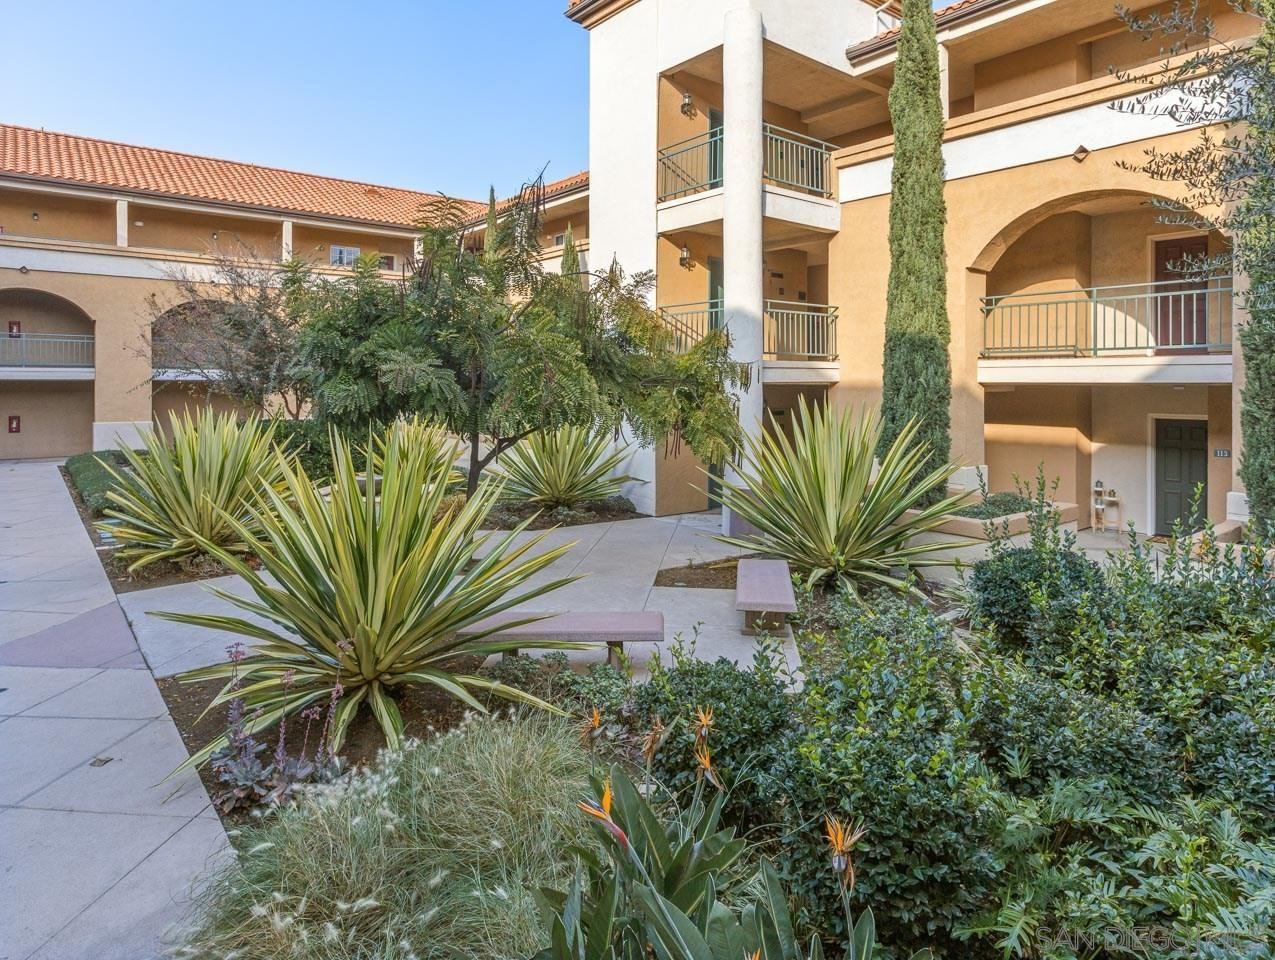 Main Photo: MISSION VALLEY Condo for sale : 2 bedrooms : 2250 Camino De La Reina #113 in San Diego